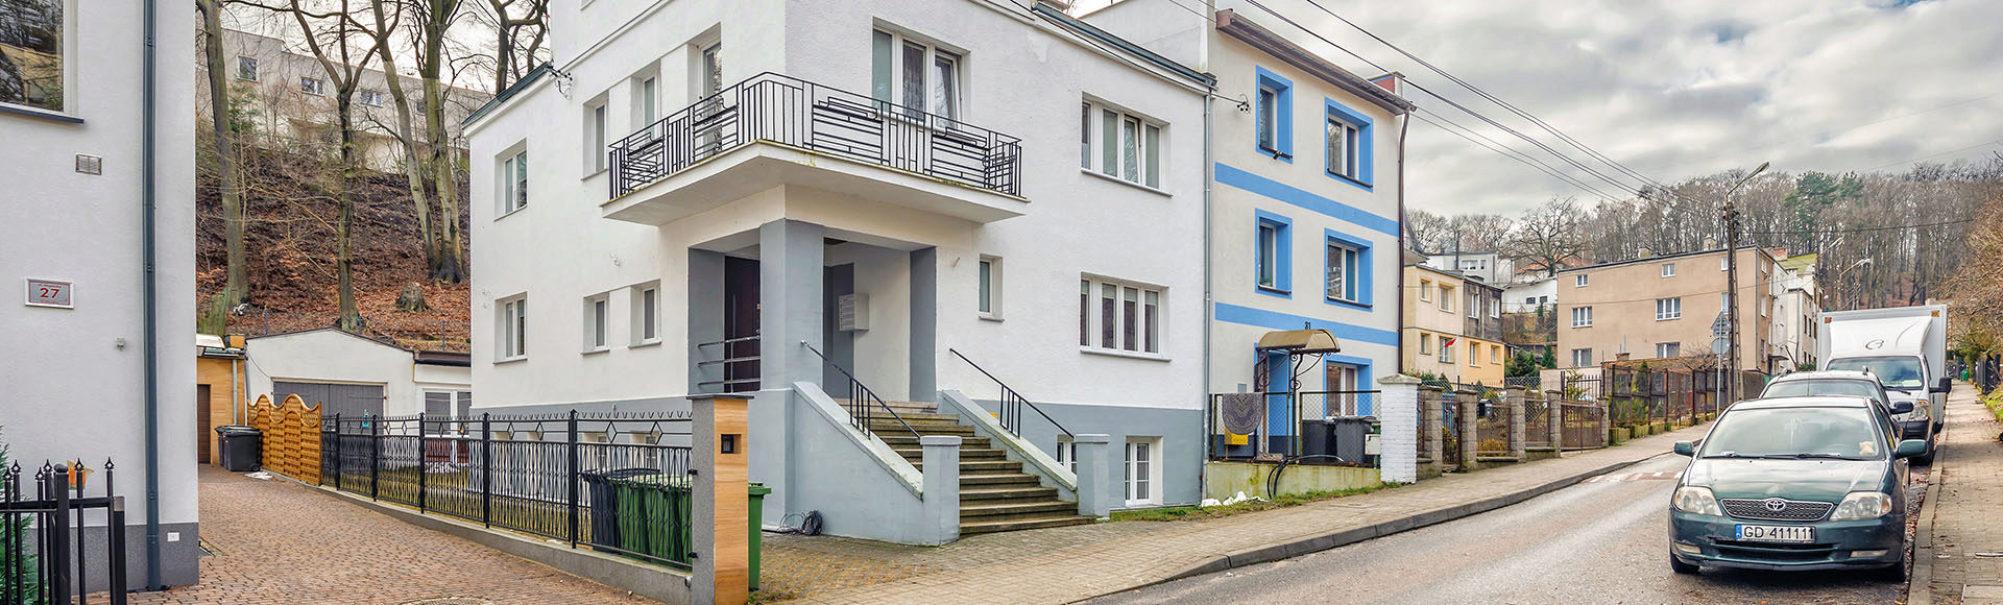 Apartamenty na wynajem nad morzem